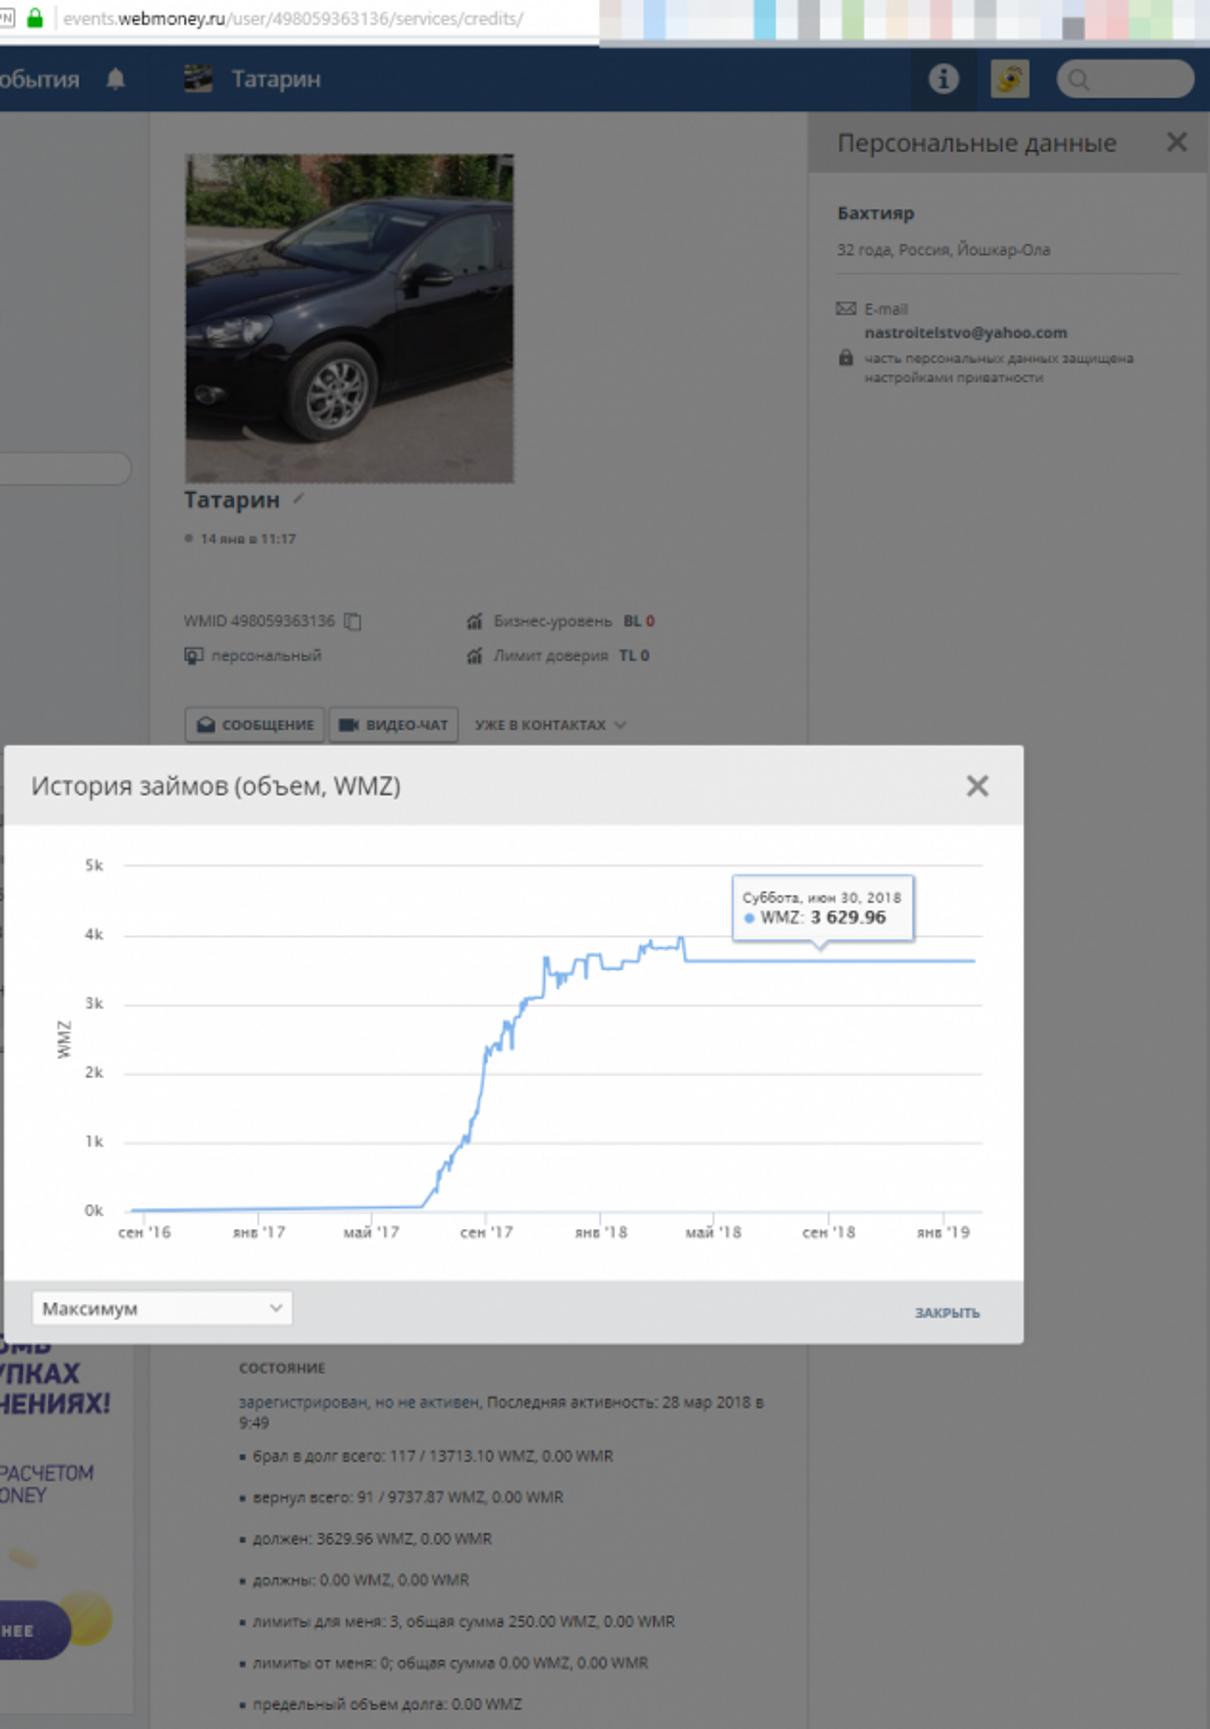 Жалоба-отзыв: Рейимов Бахтияр Какабаевич - Присвоил $6000 на WebMoney